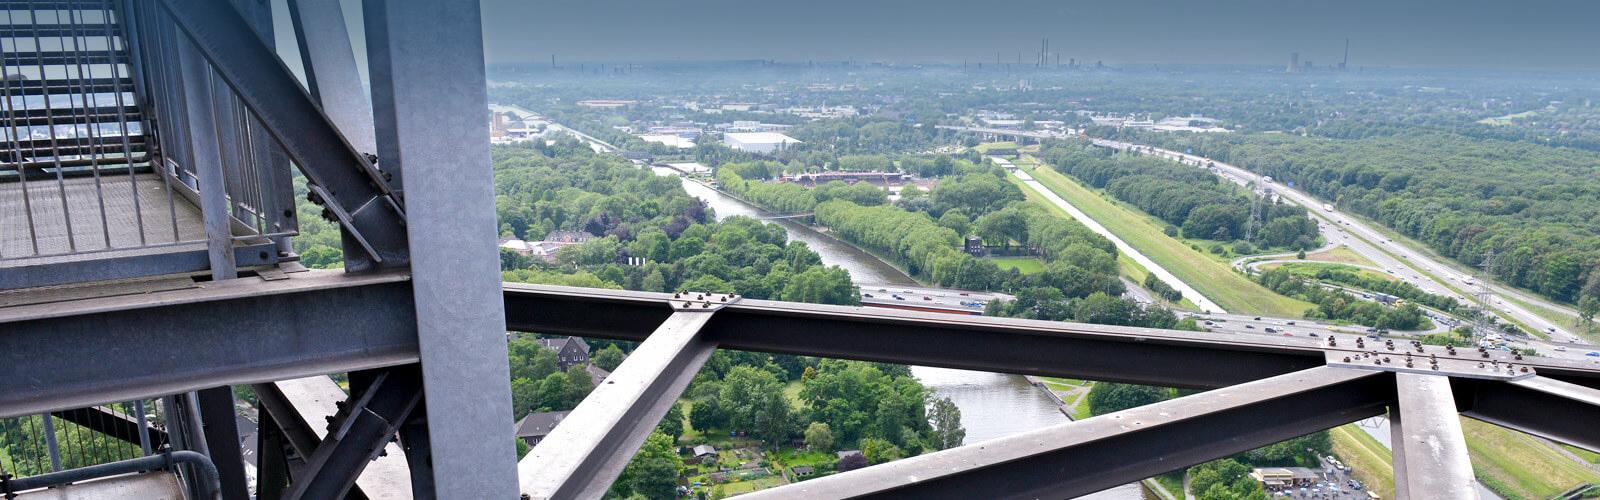 Luftaufnahme Oberhausen